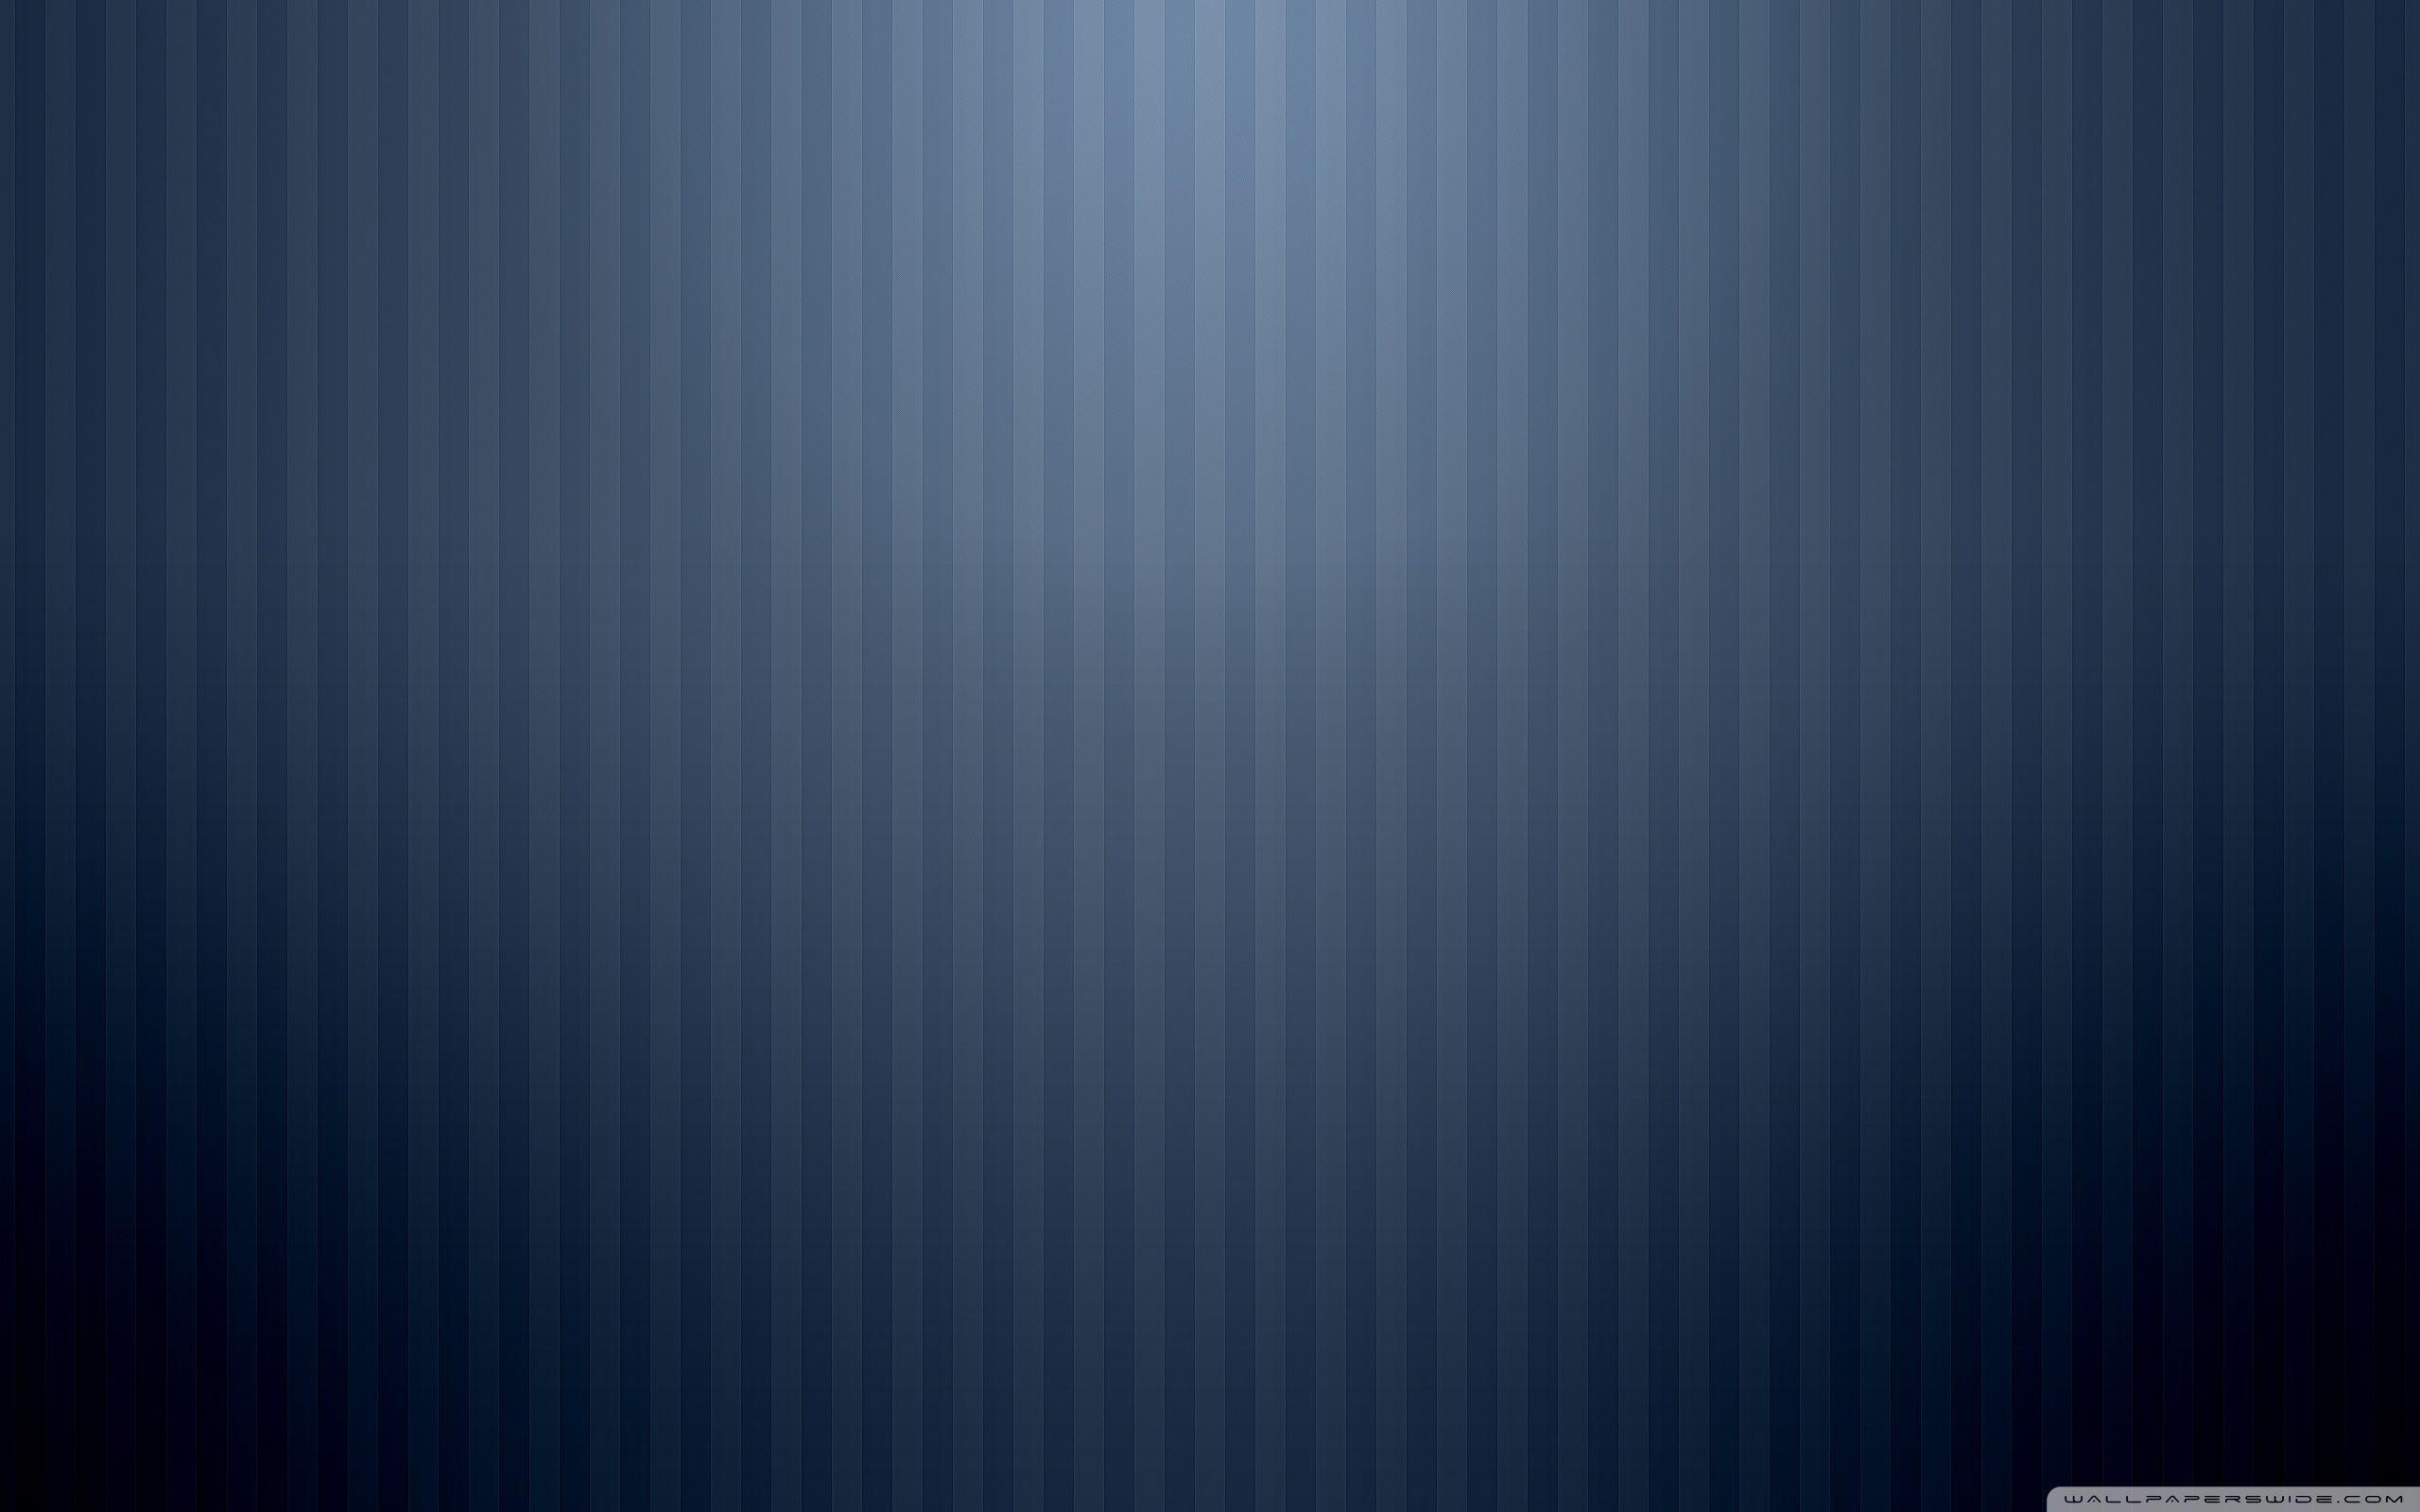 Blue Stripe Wallpaper: Blue Stripe Pattern HD Desktop Wallpaper : High Definition